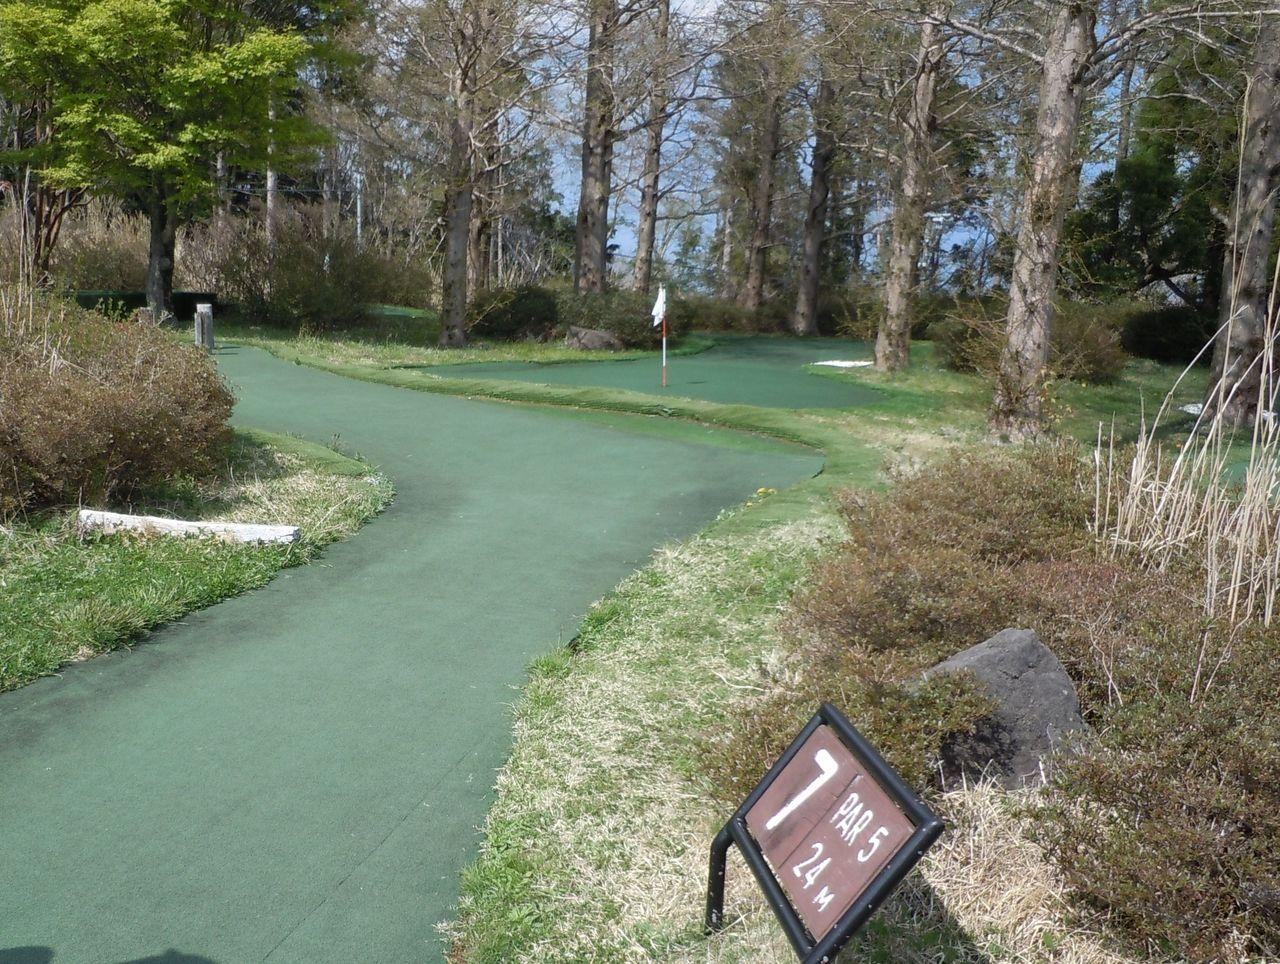 パターゴルフ場・テニスコートも完備!多彩な高原リゾートを満喫できる「天城高原」